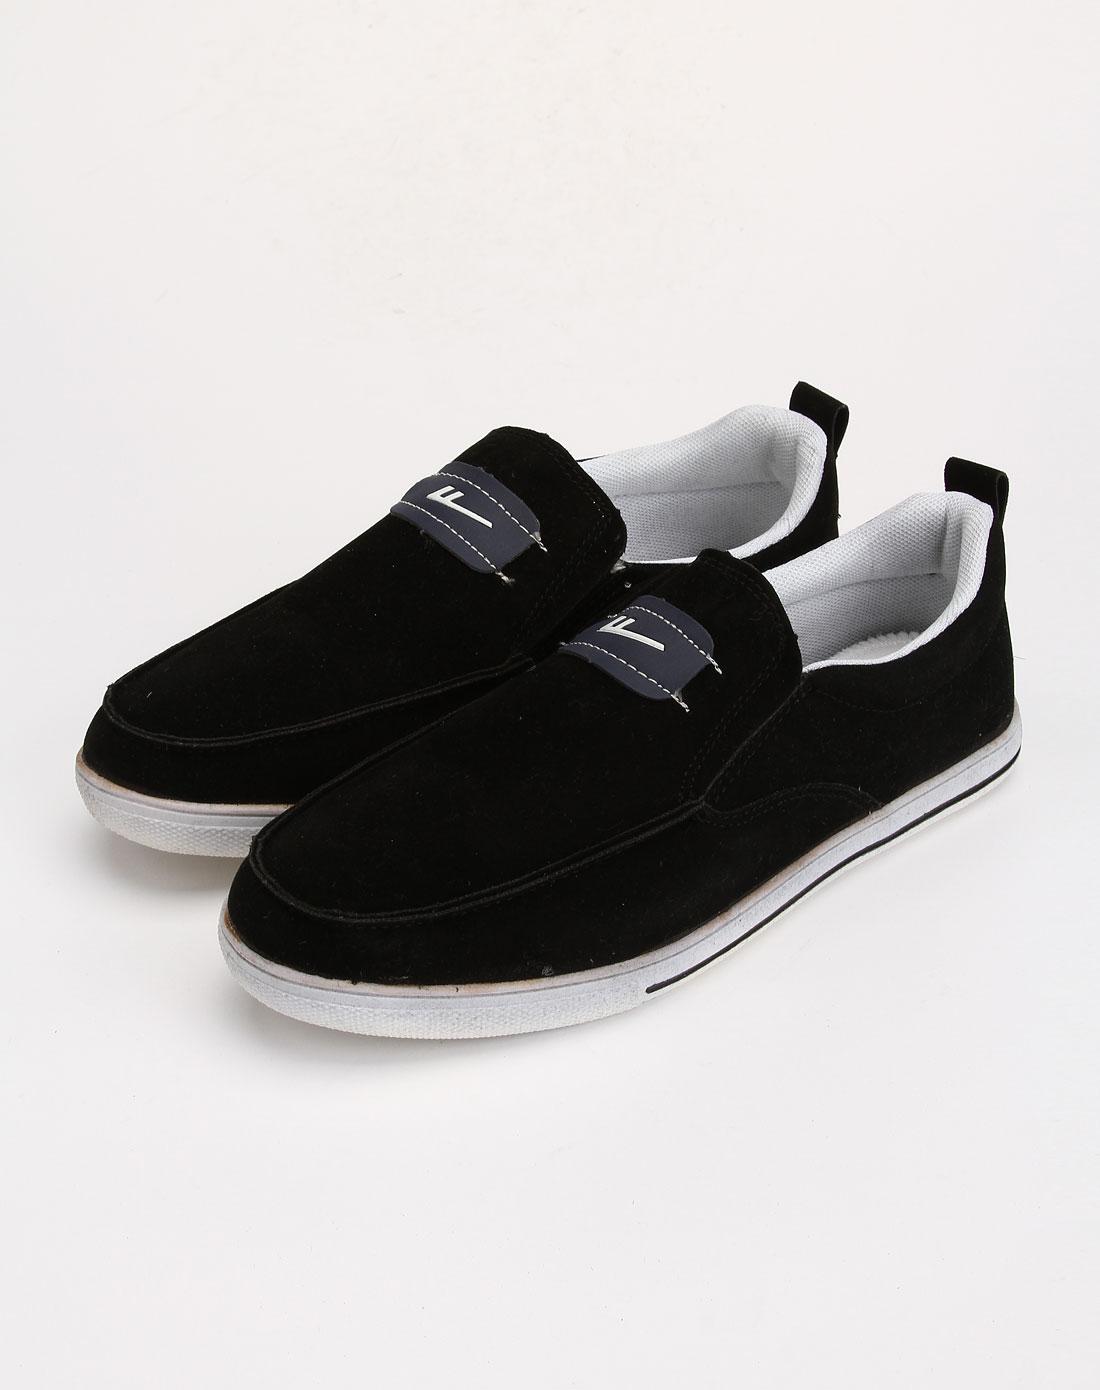 男款黑色时尚休闲运动鞋